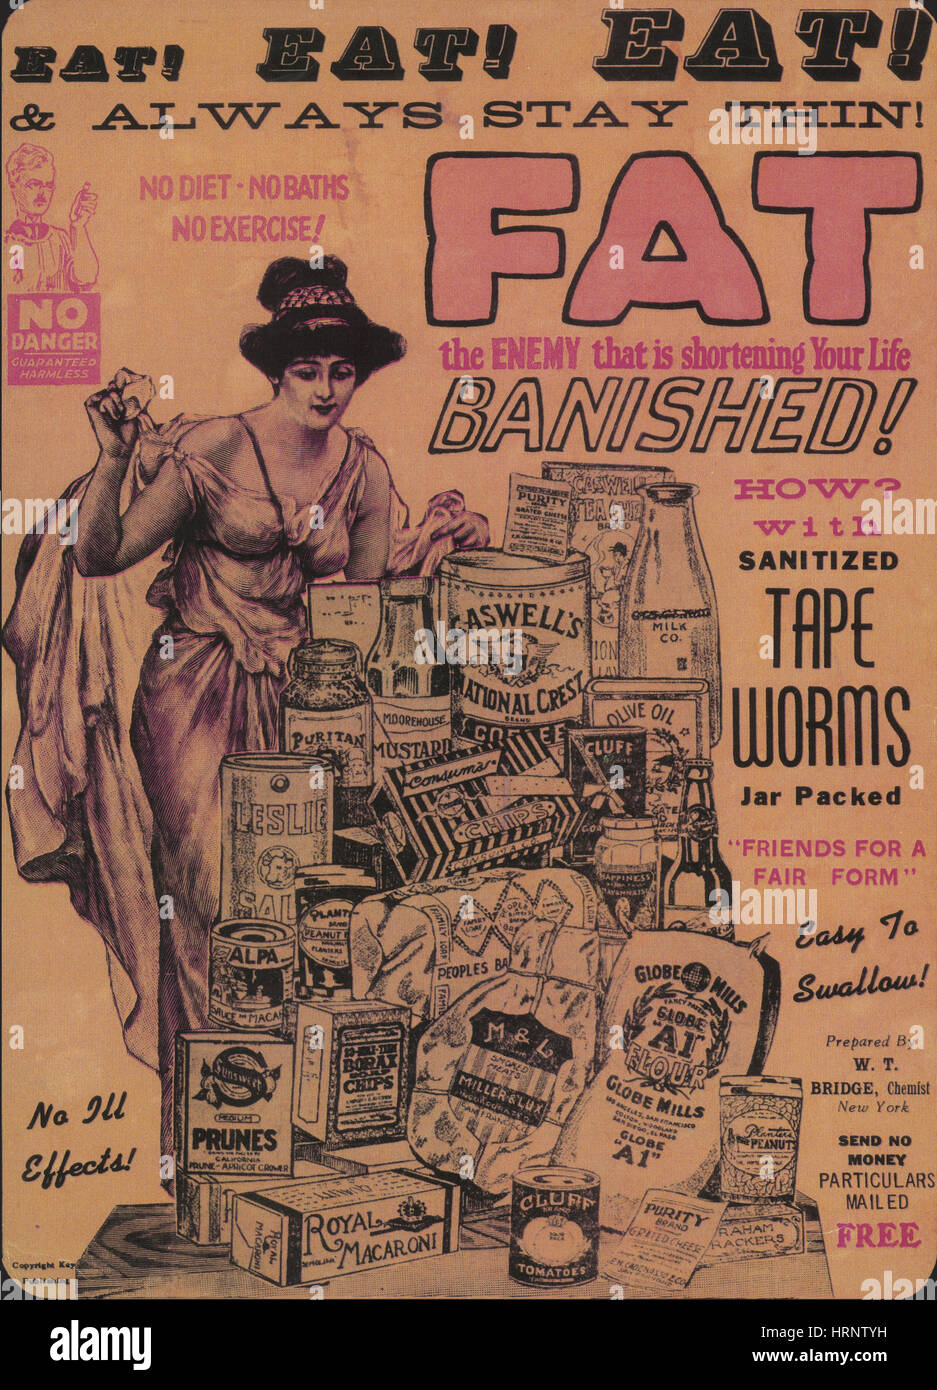 Perdita di peso ad, sanificare Tapeworms Immagini Stock